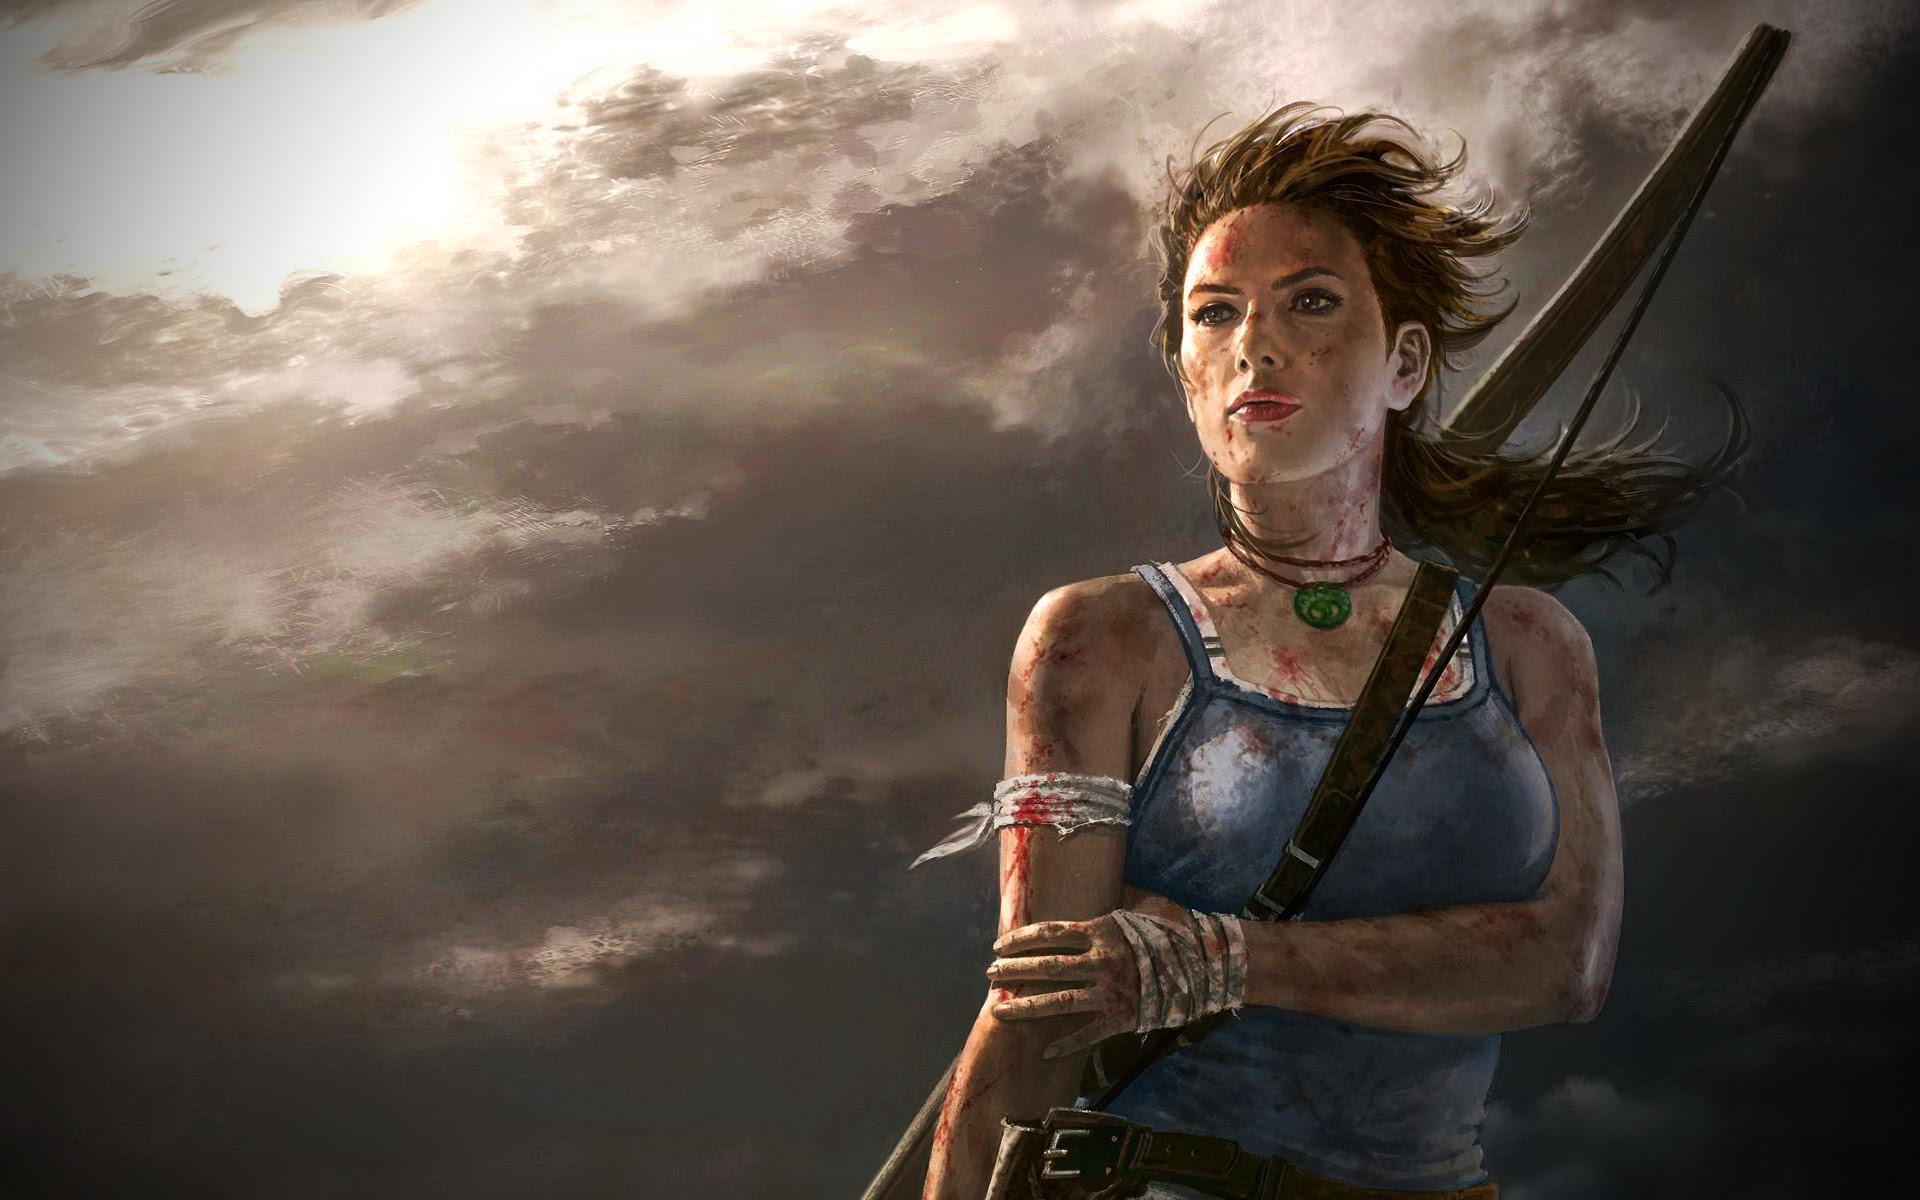 Tomb Raider Tomb Raider Wallpaper 40613424 Fanpop